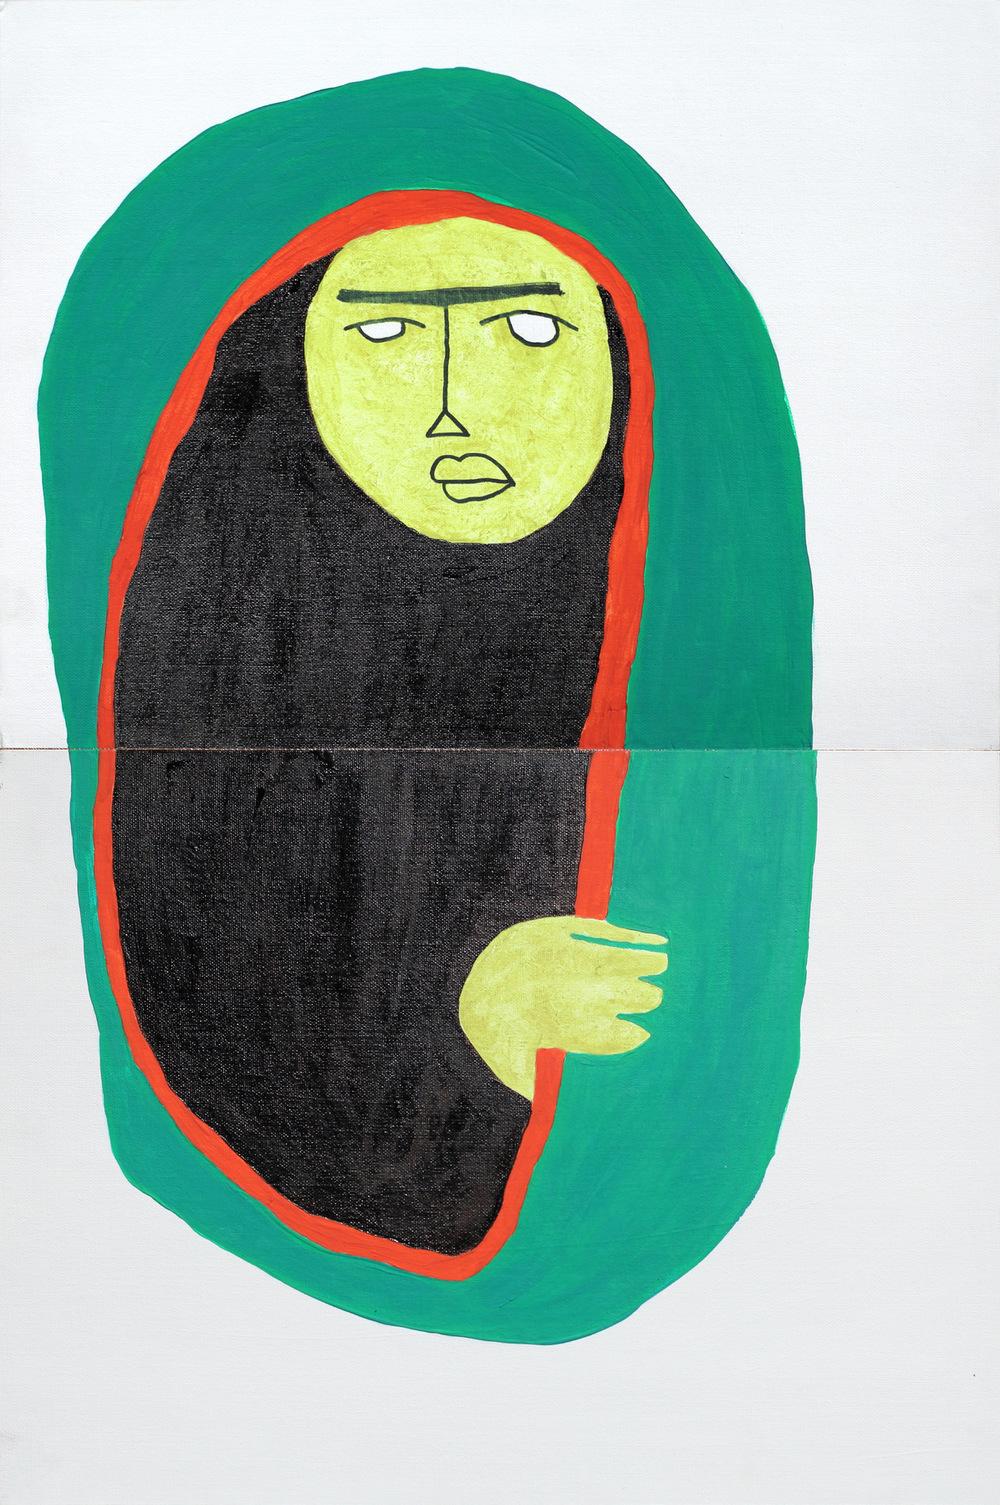 Markus Martinovitch - Mama in a cocoon